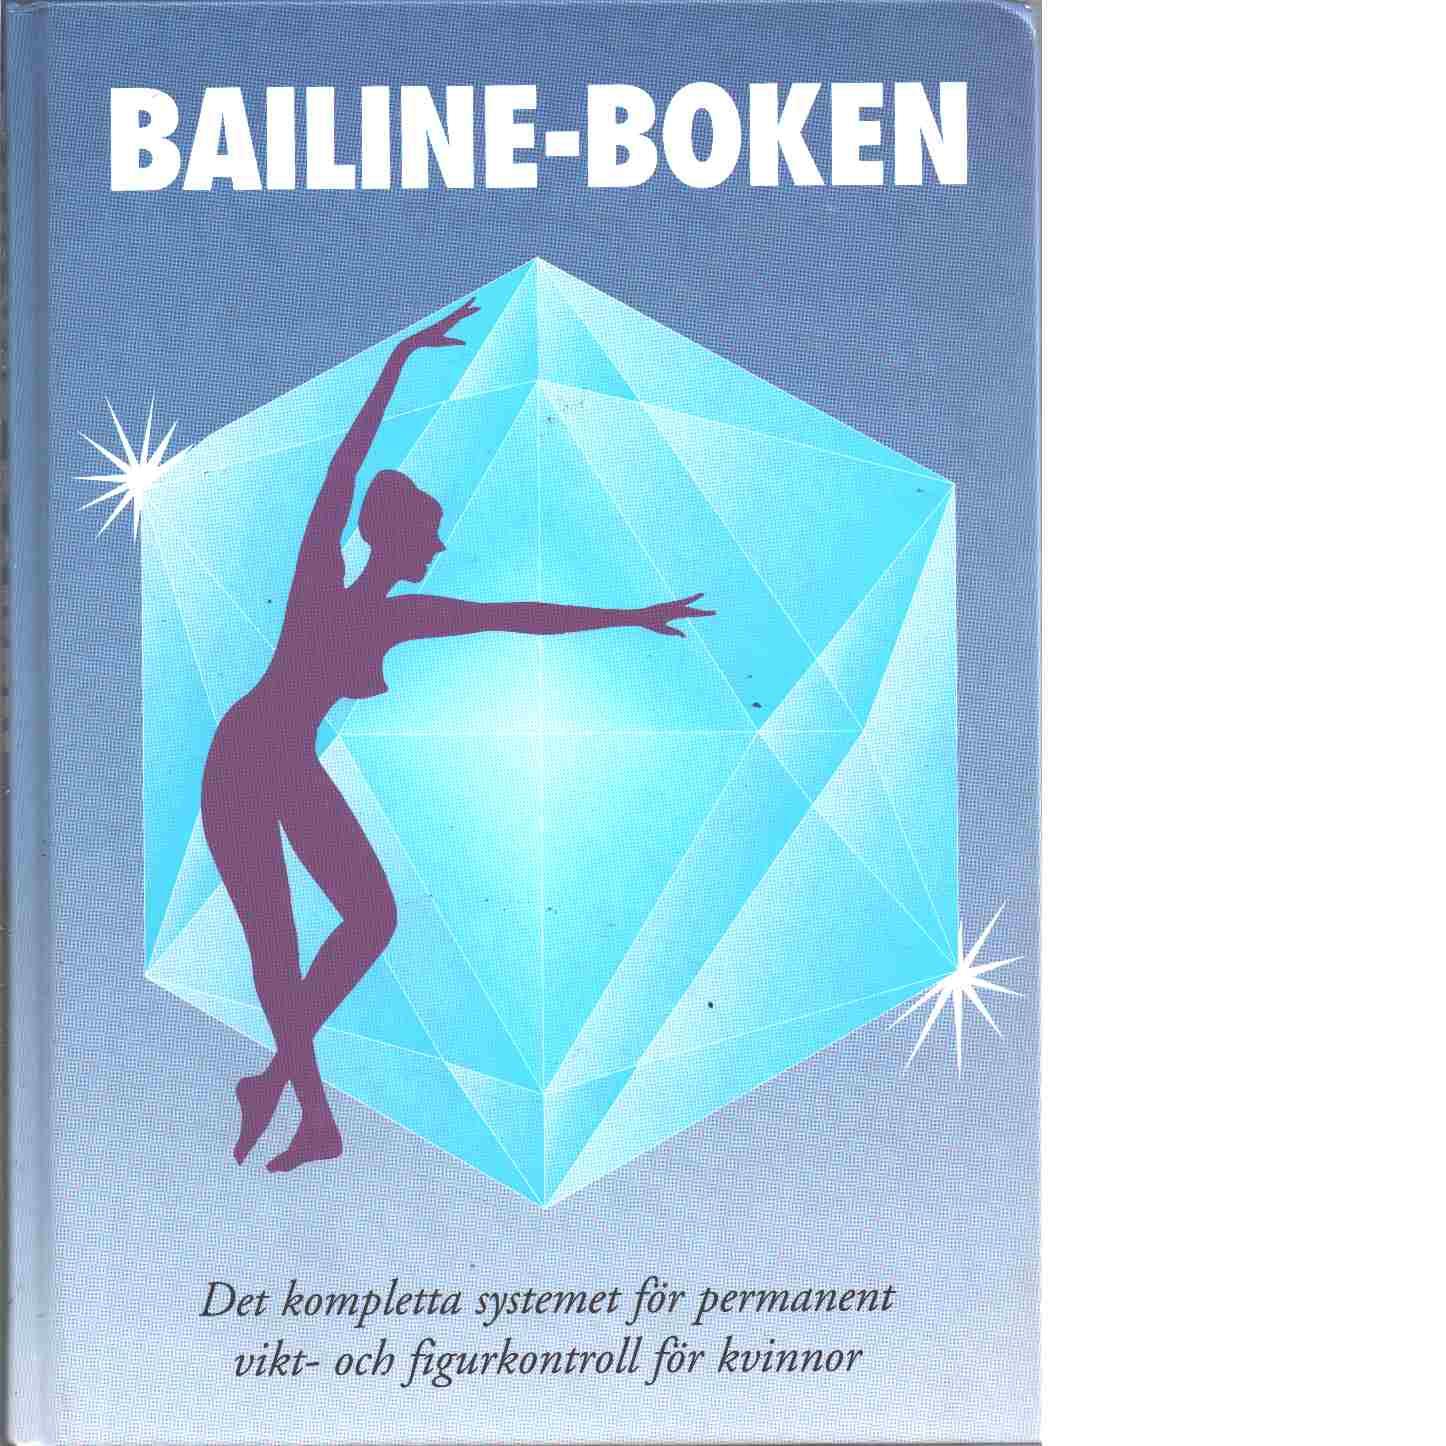 Bailine-boken : det kompletta systemet för permanent vikt- och figurkontroll för kvinnor - Bjønness Bai, Kurt och Bjønness Bai, Eva,